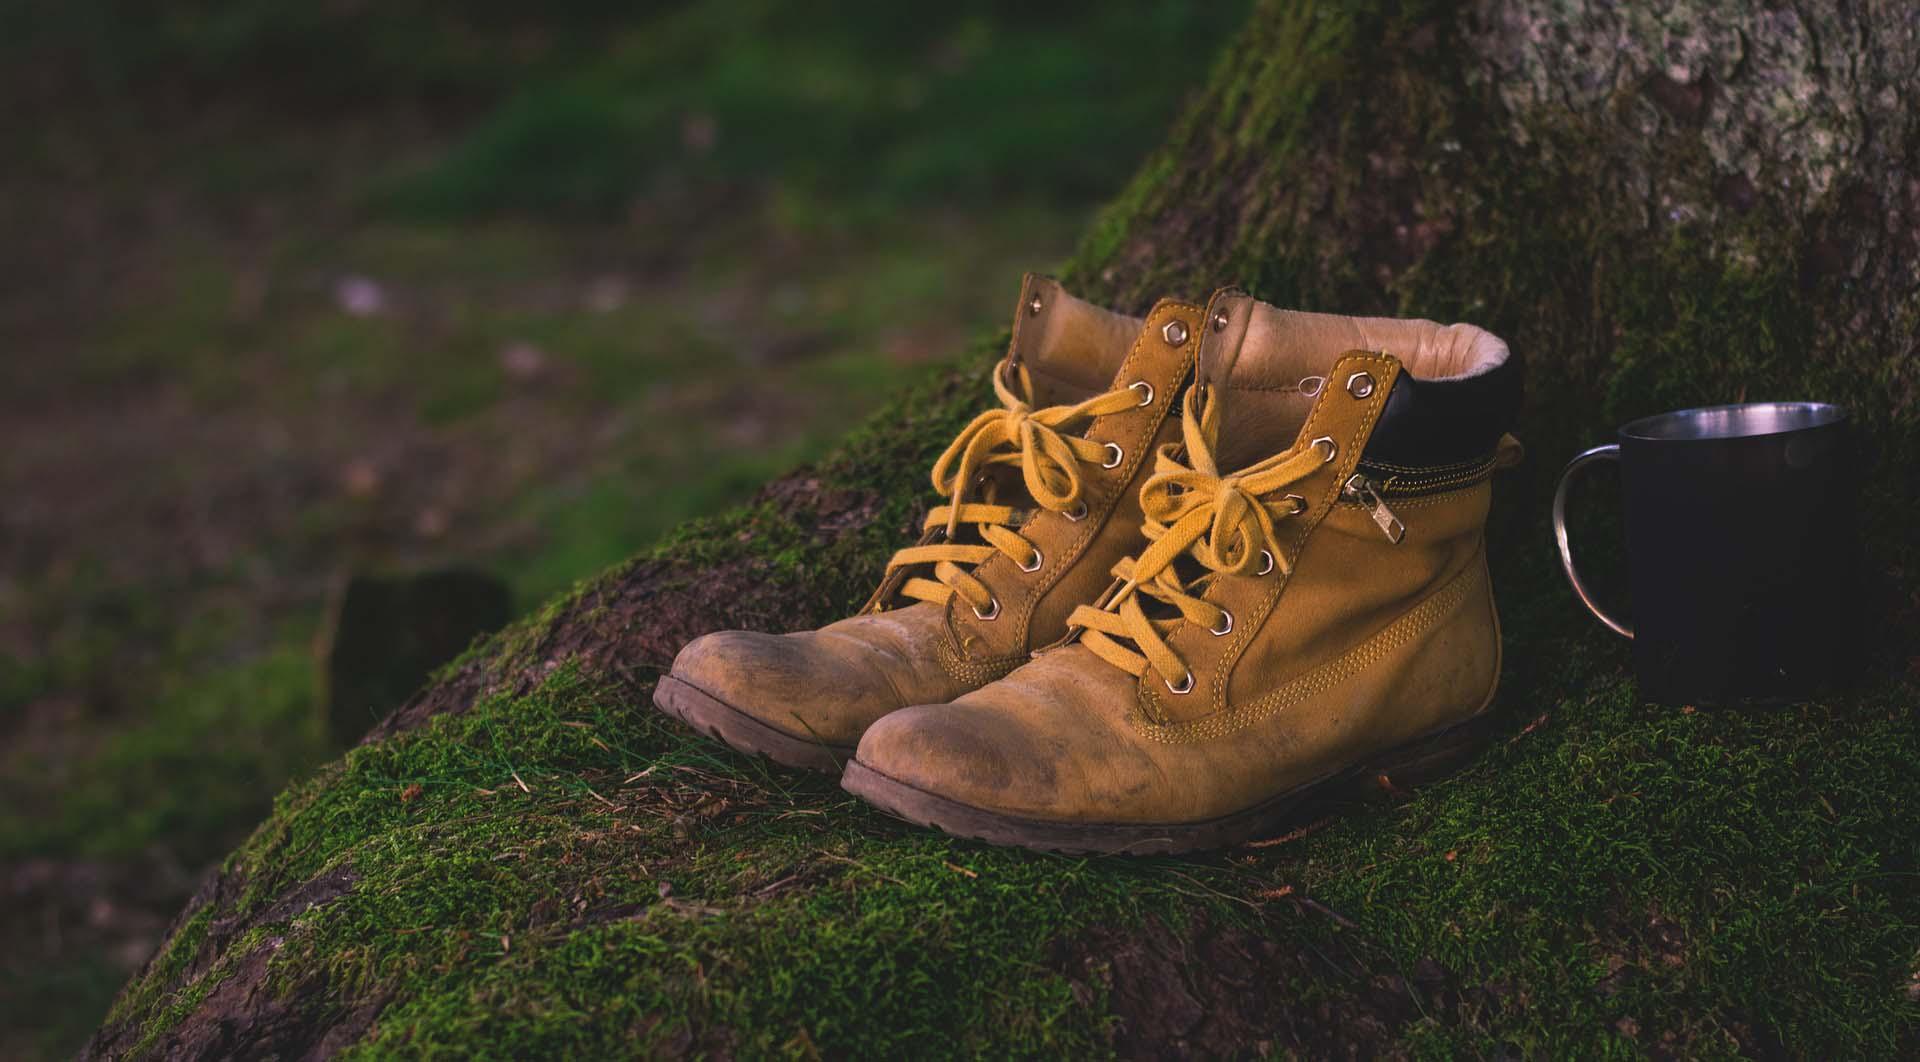 Trekking and nature